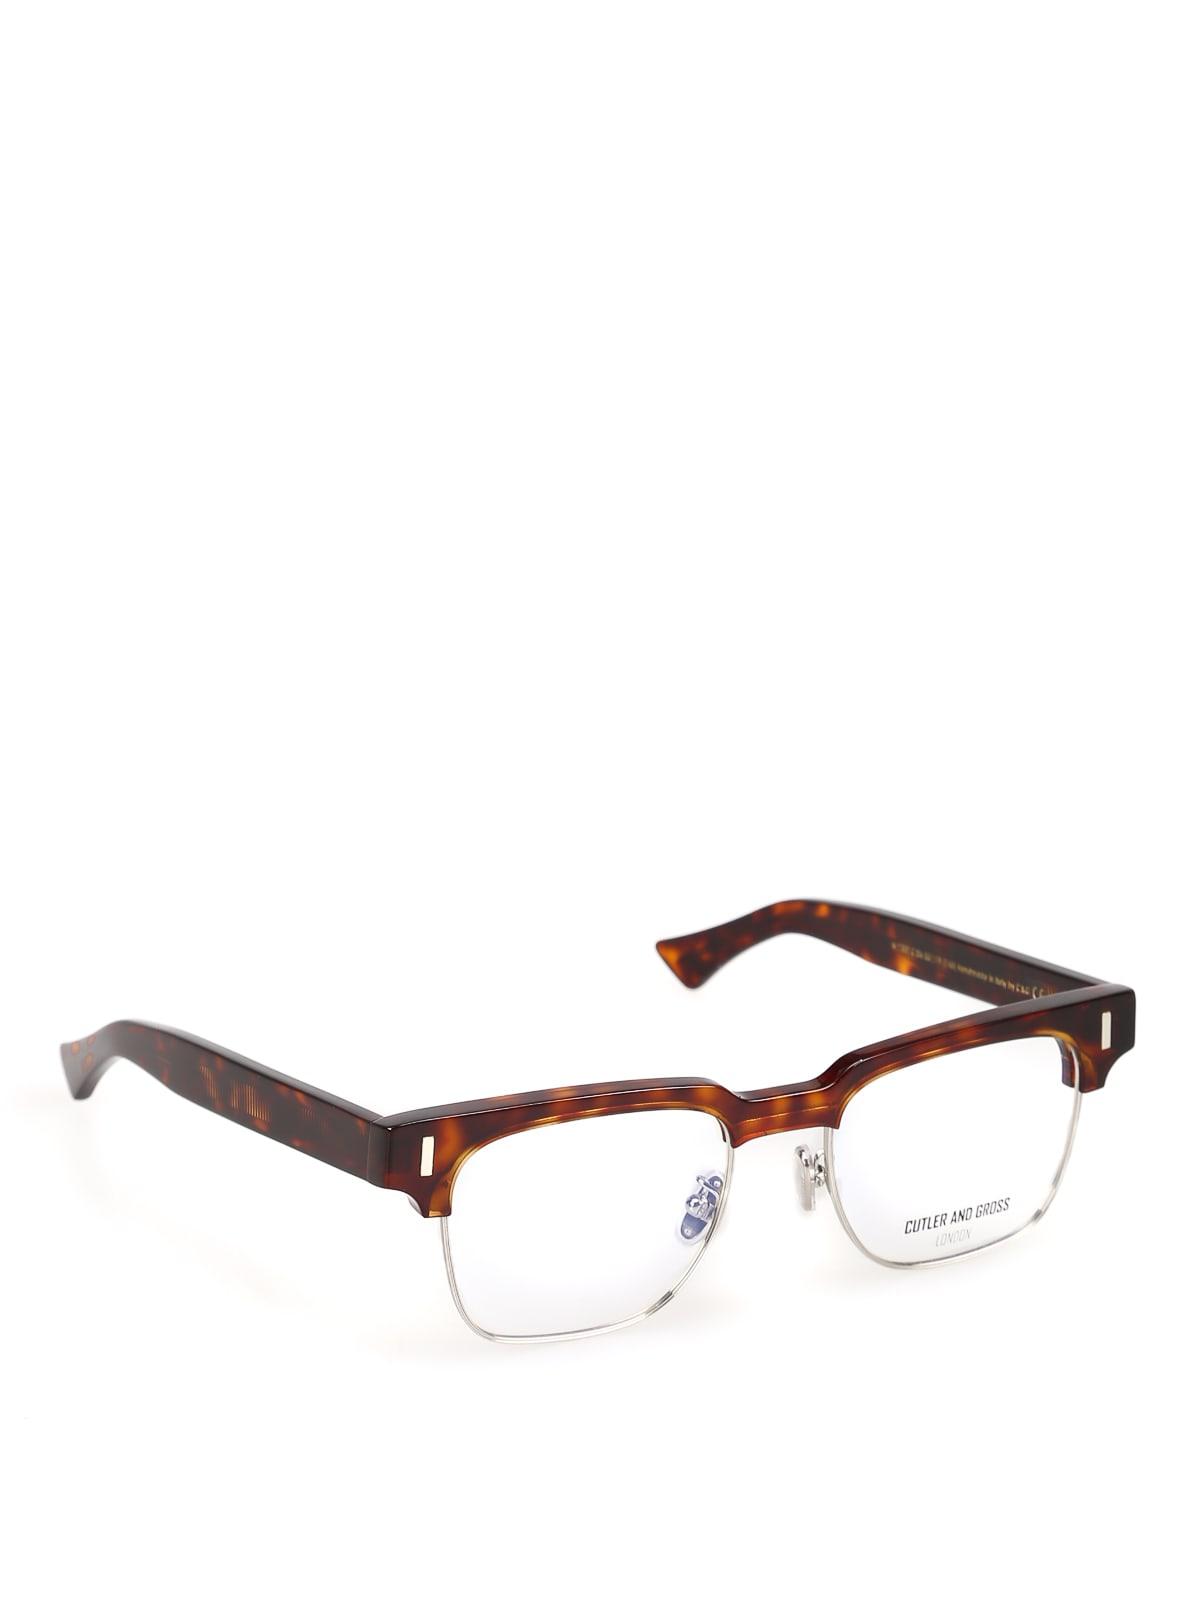 1332 Eyewear